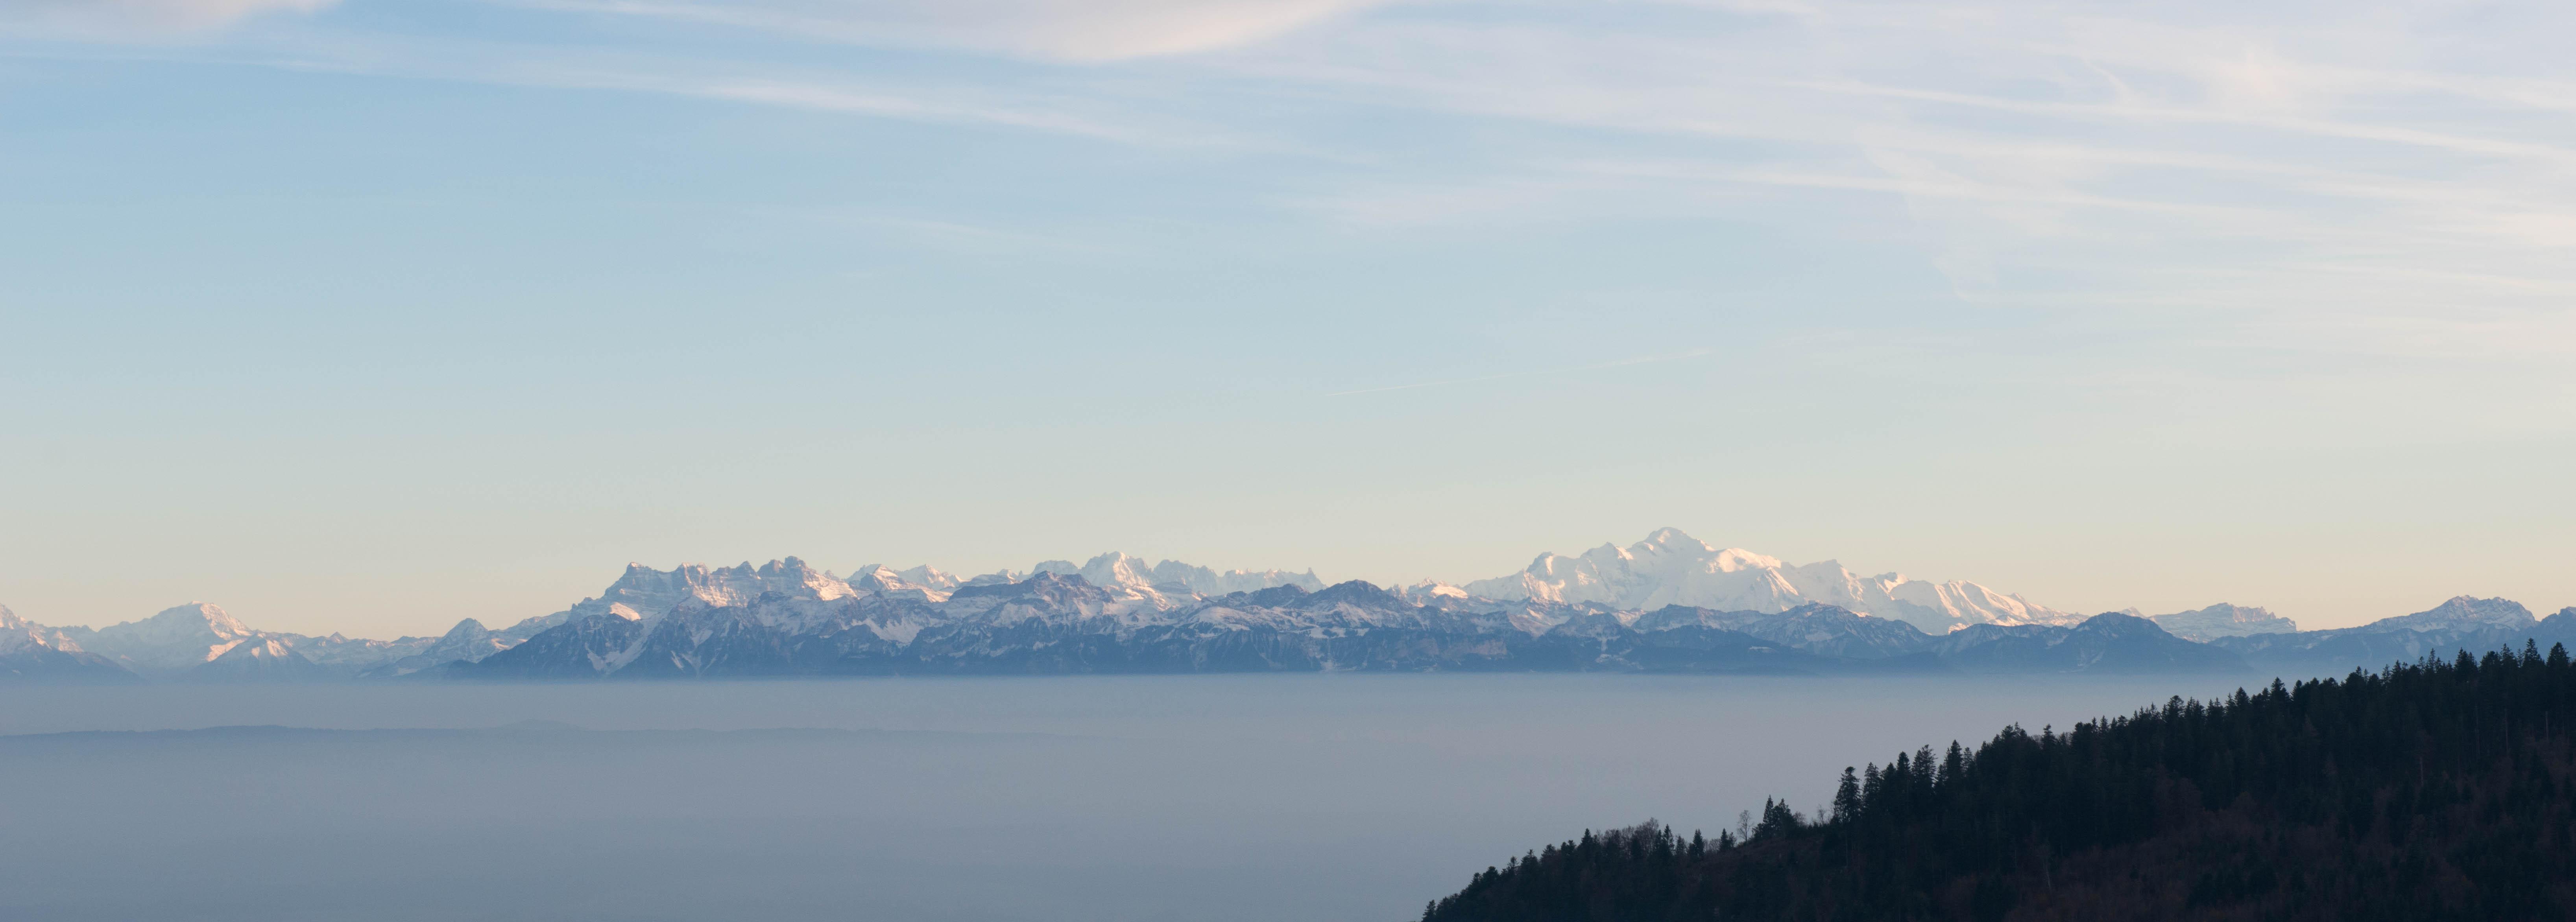 Unique panoramic view